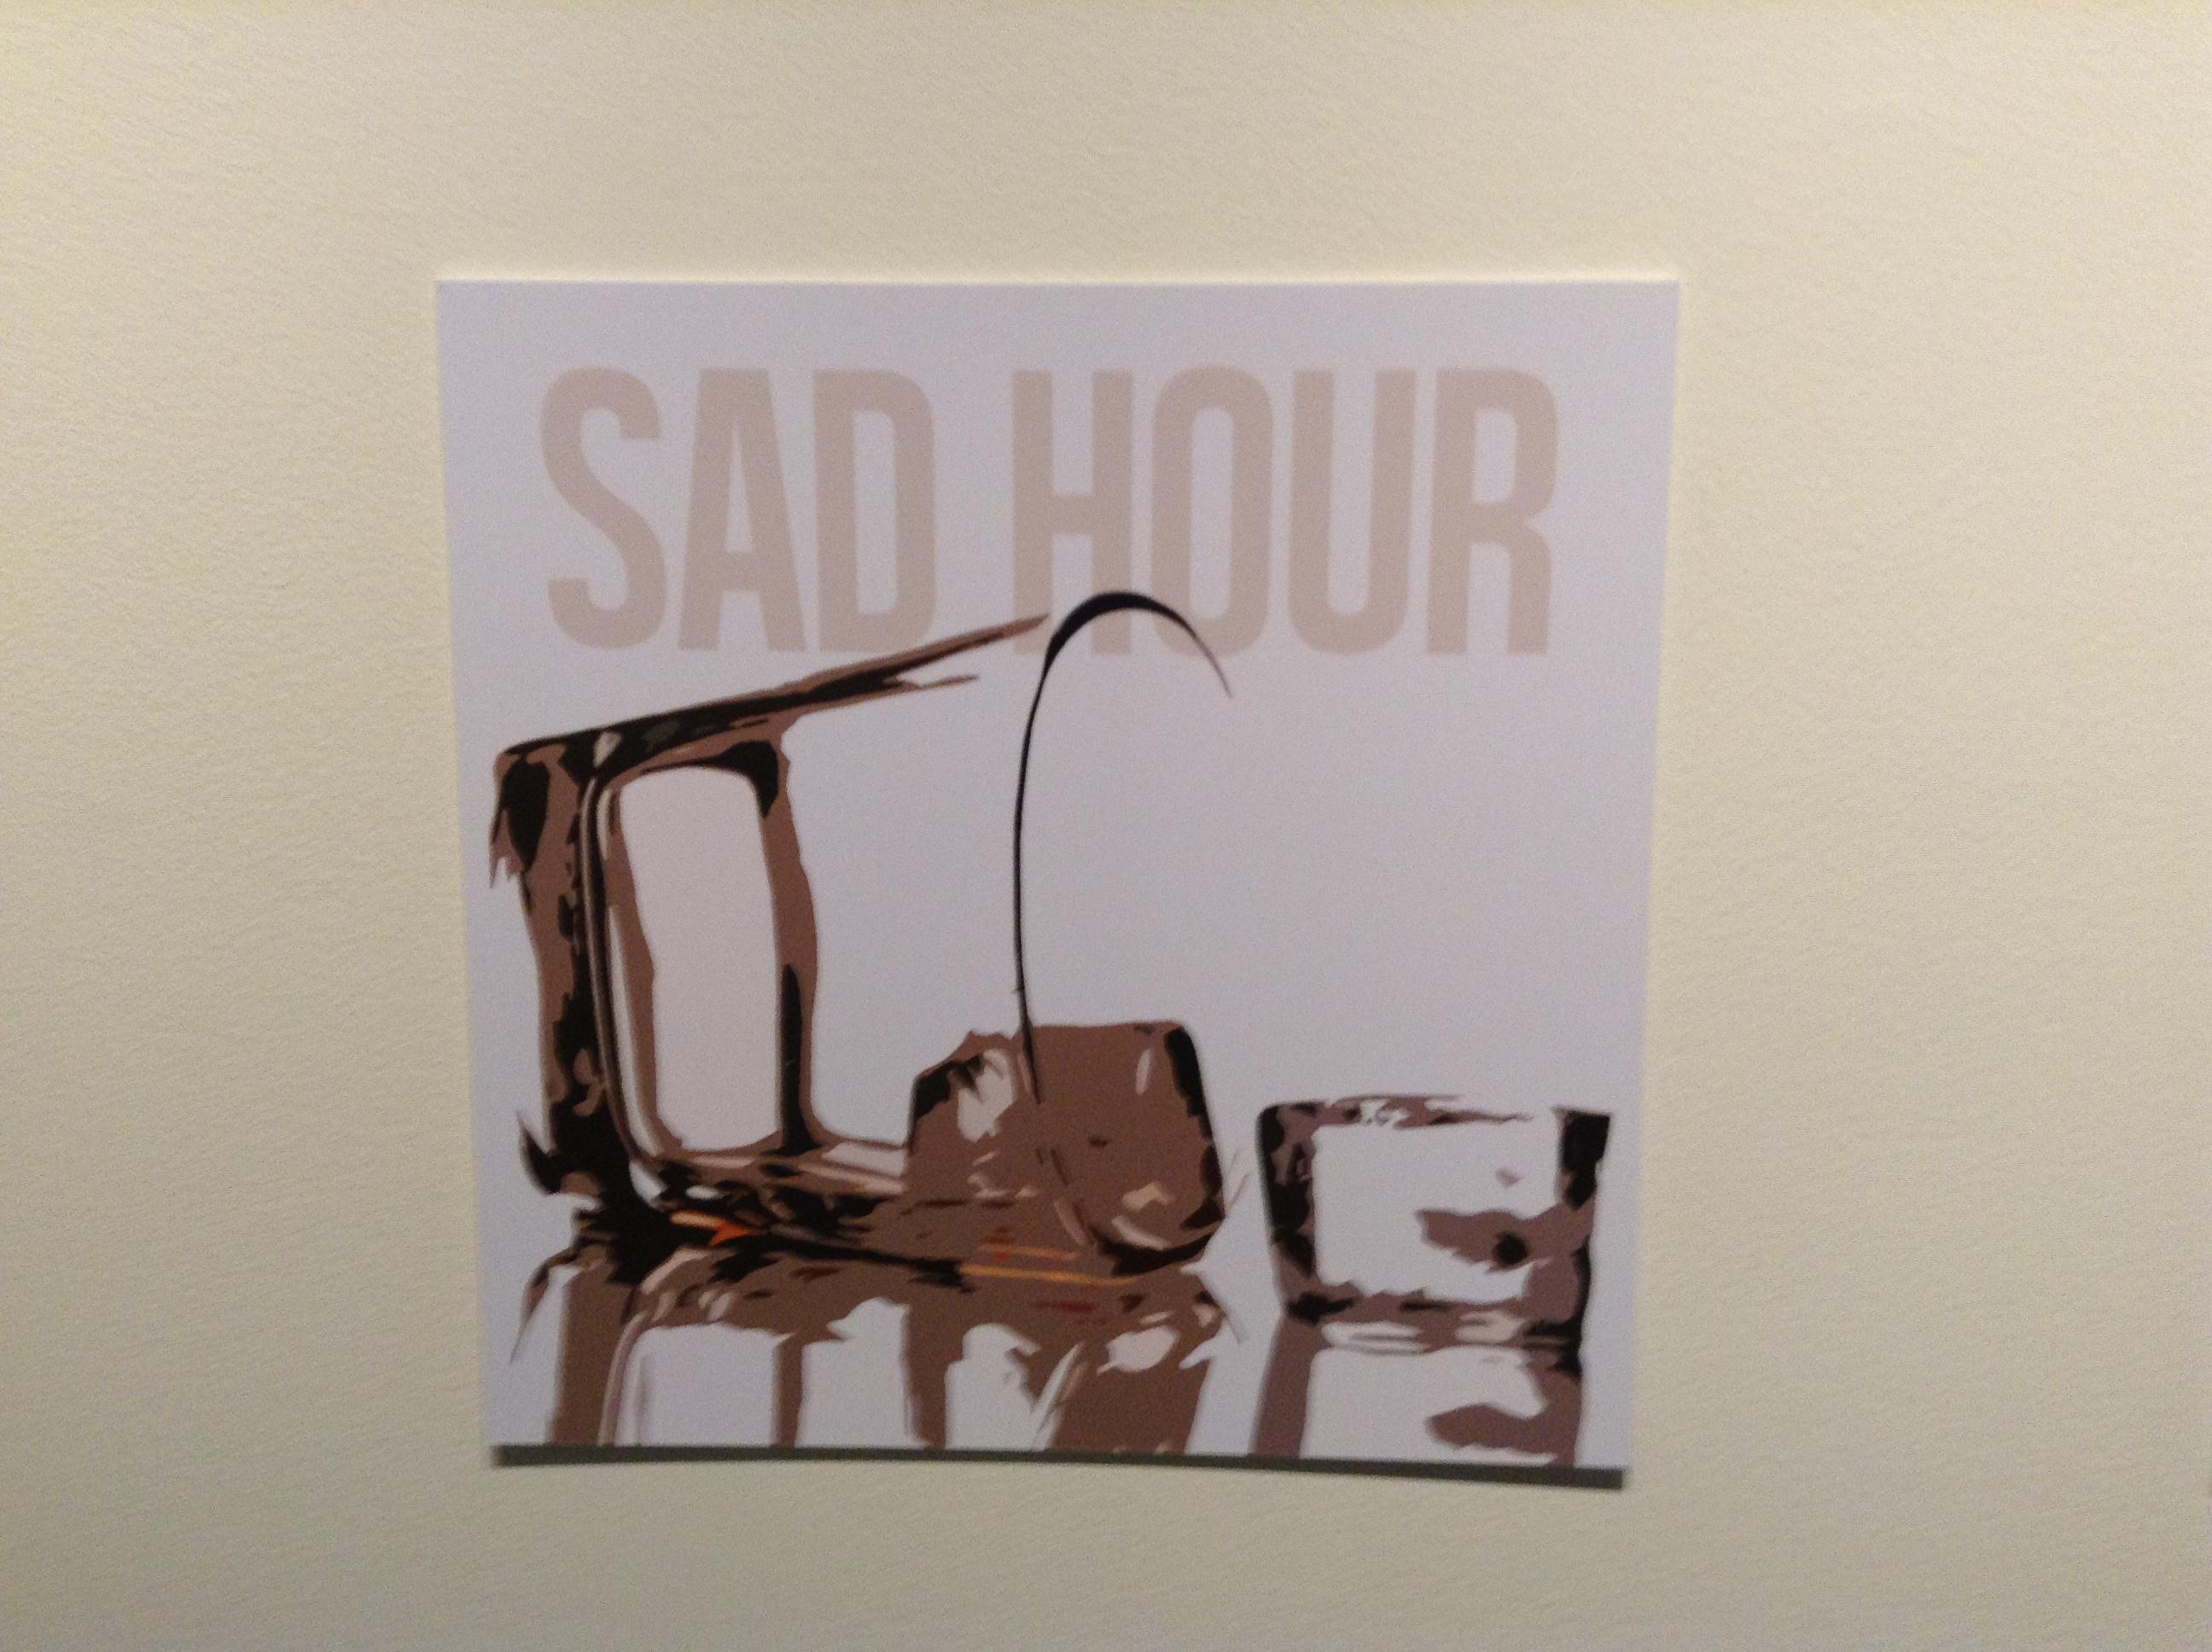 Sad Hour